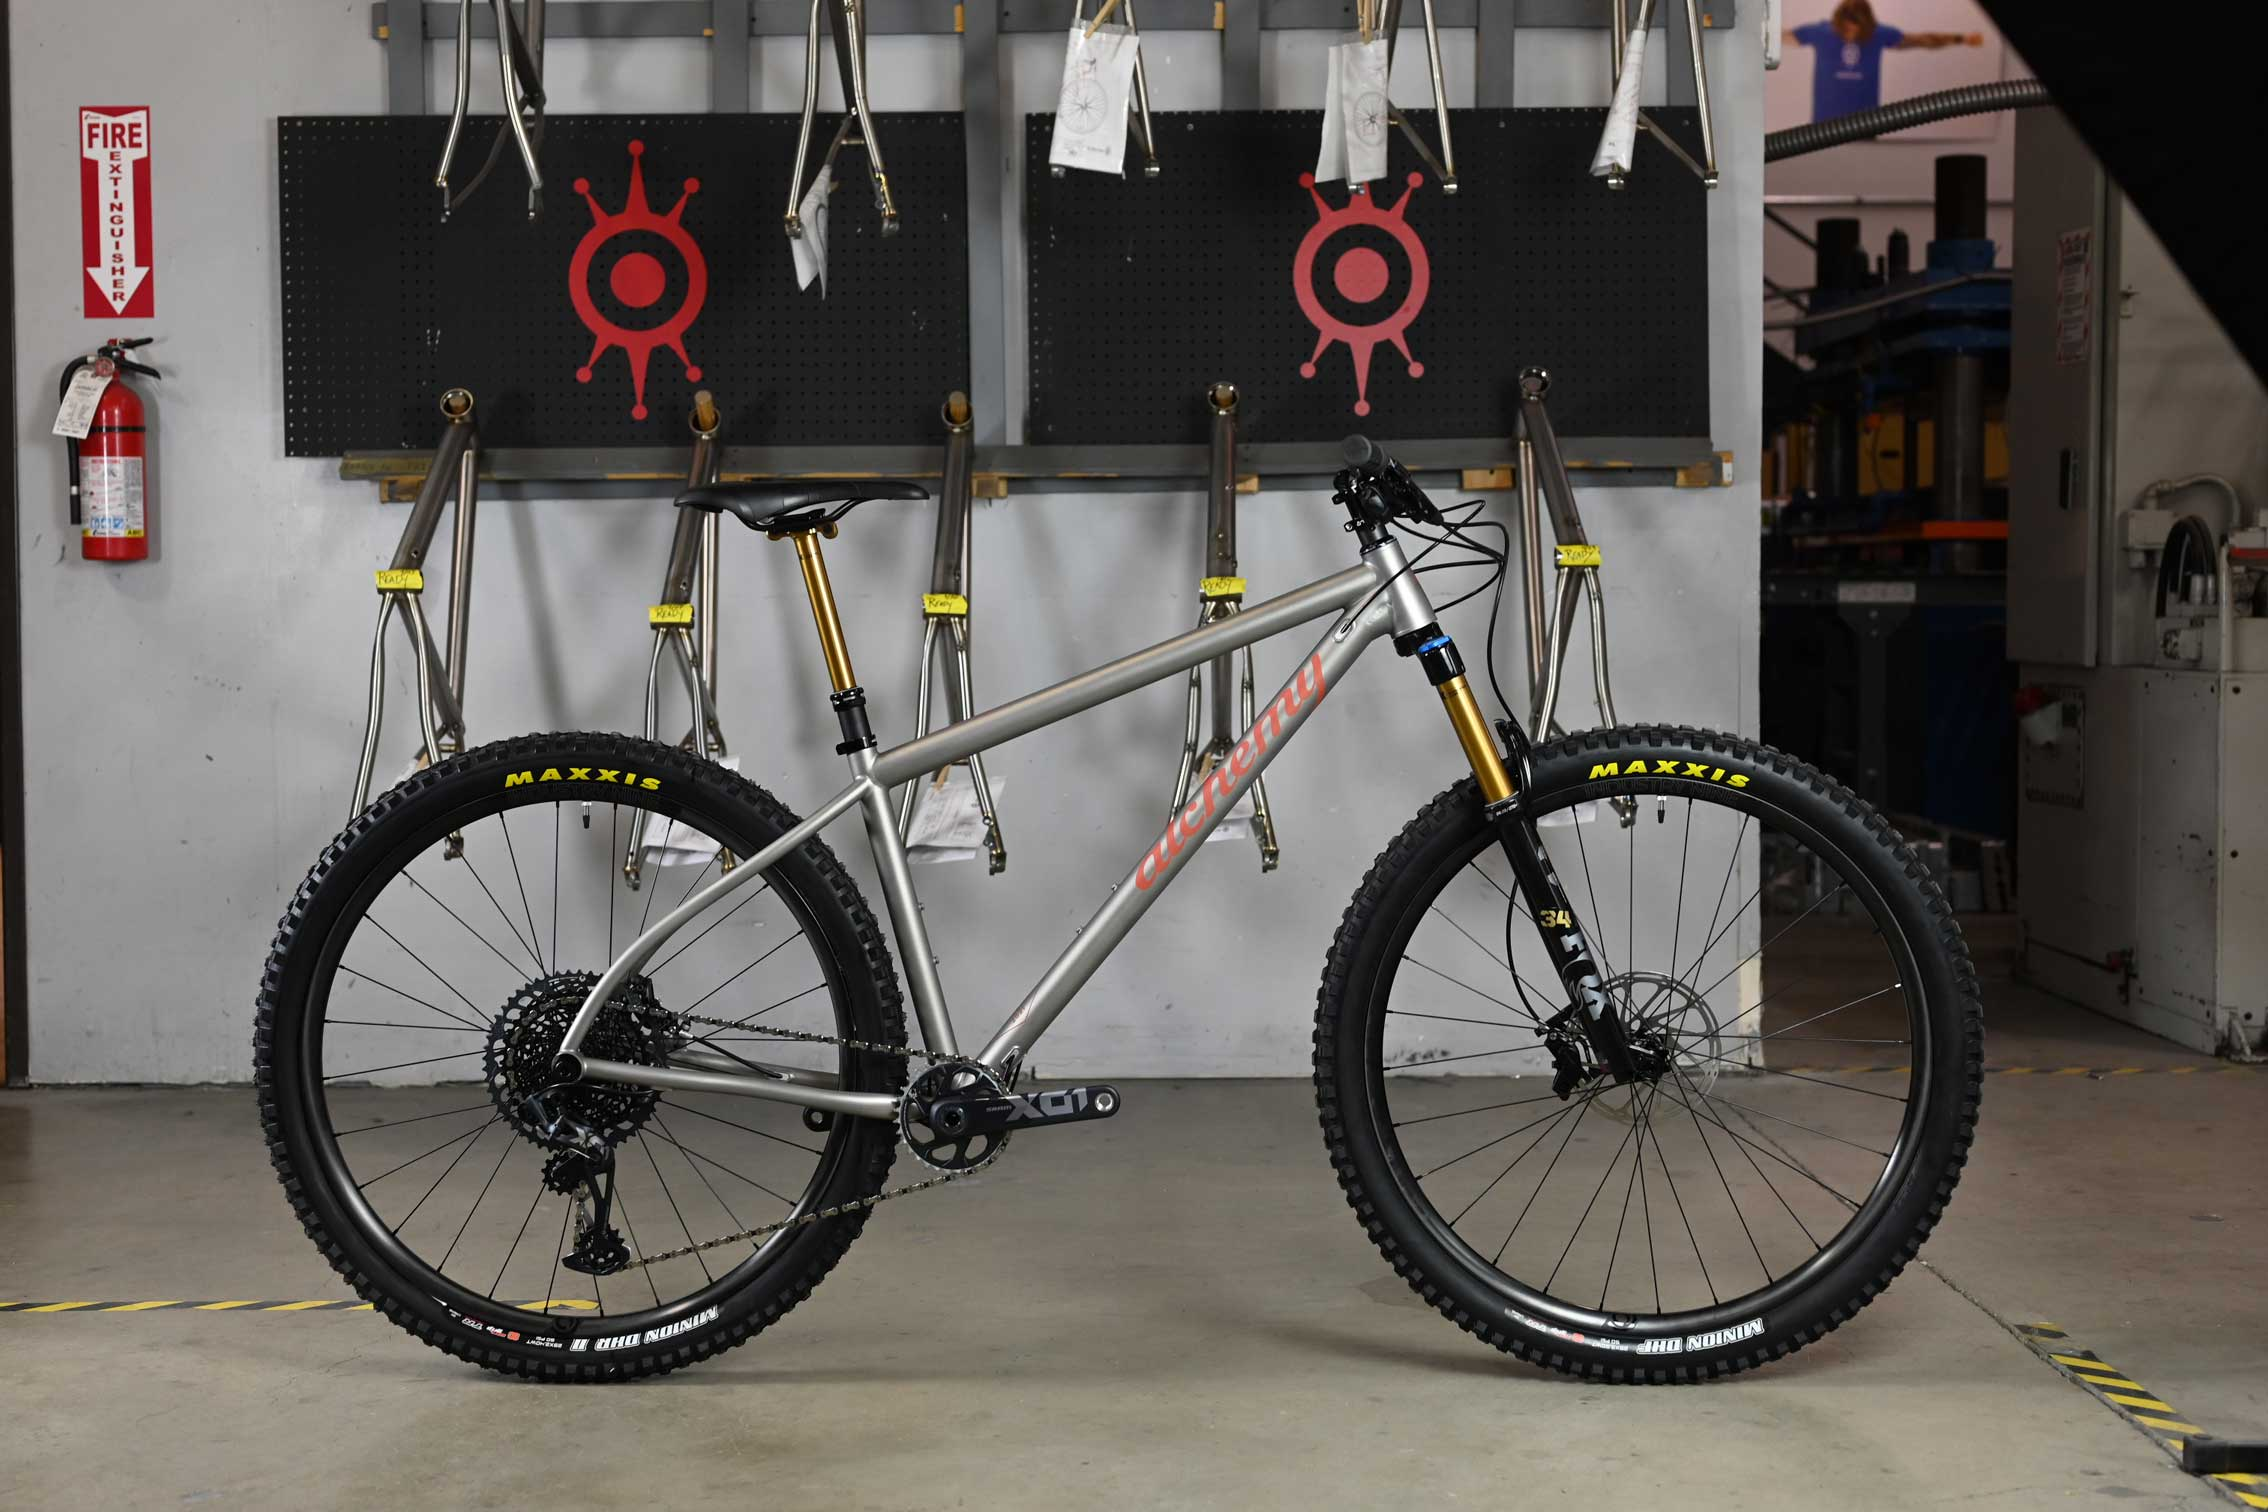 , Alchemy Updates for 2022 – New Flip Chip, Rogue Gravel Bike, Titanium Argos Hardtail